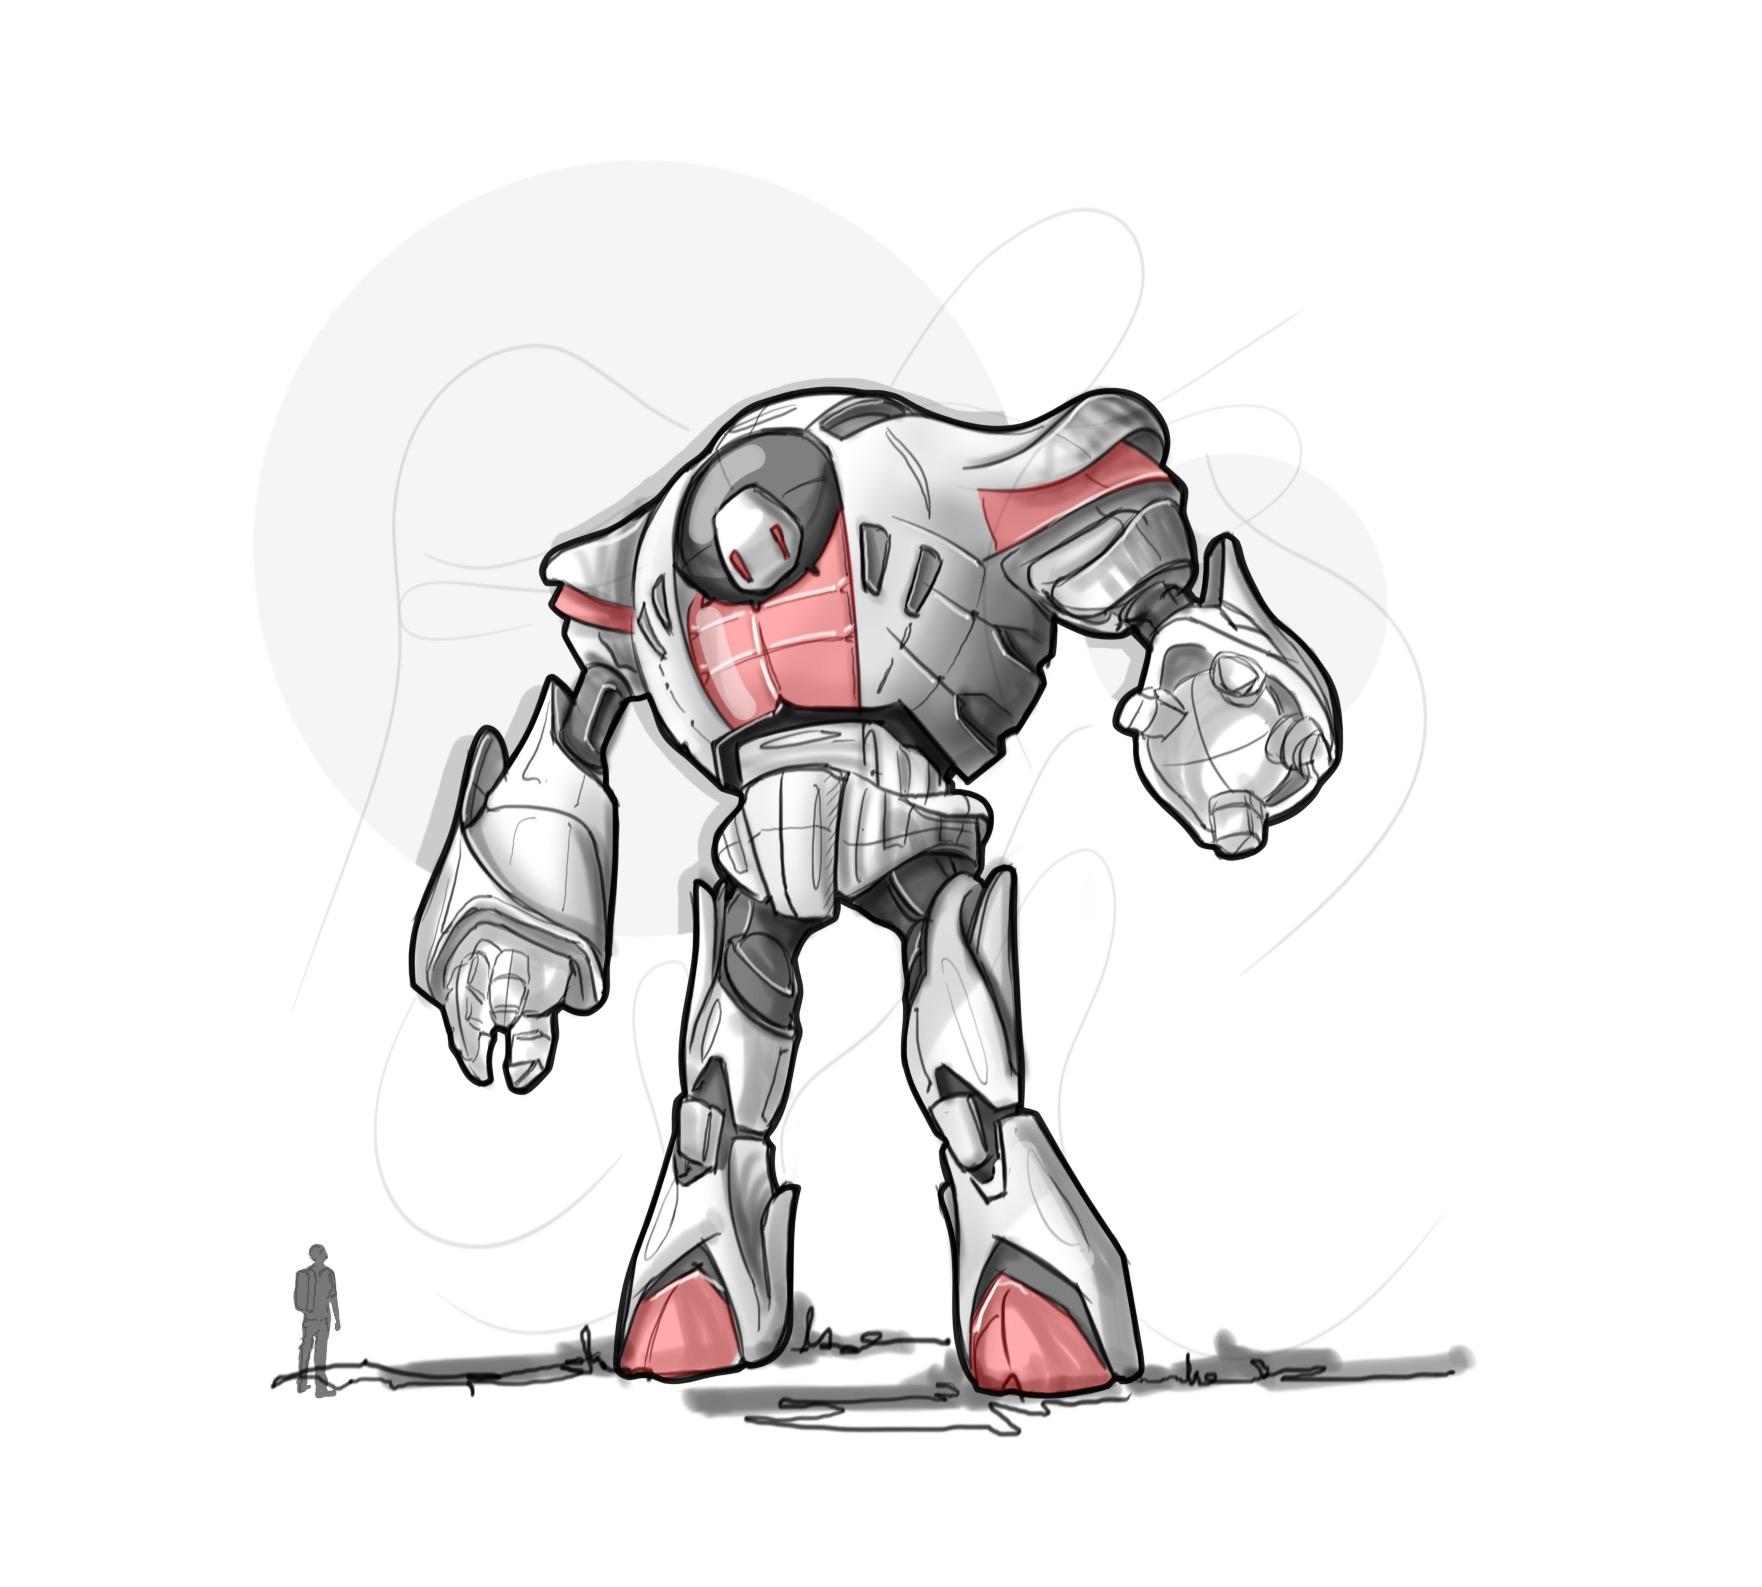 20160320 robot1.jpg